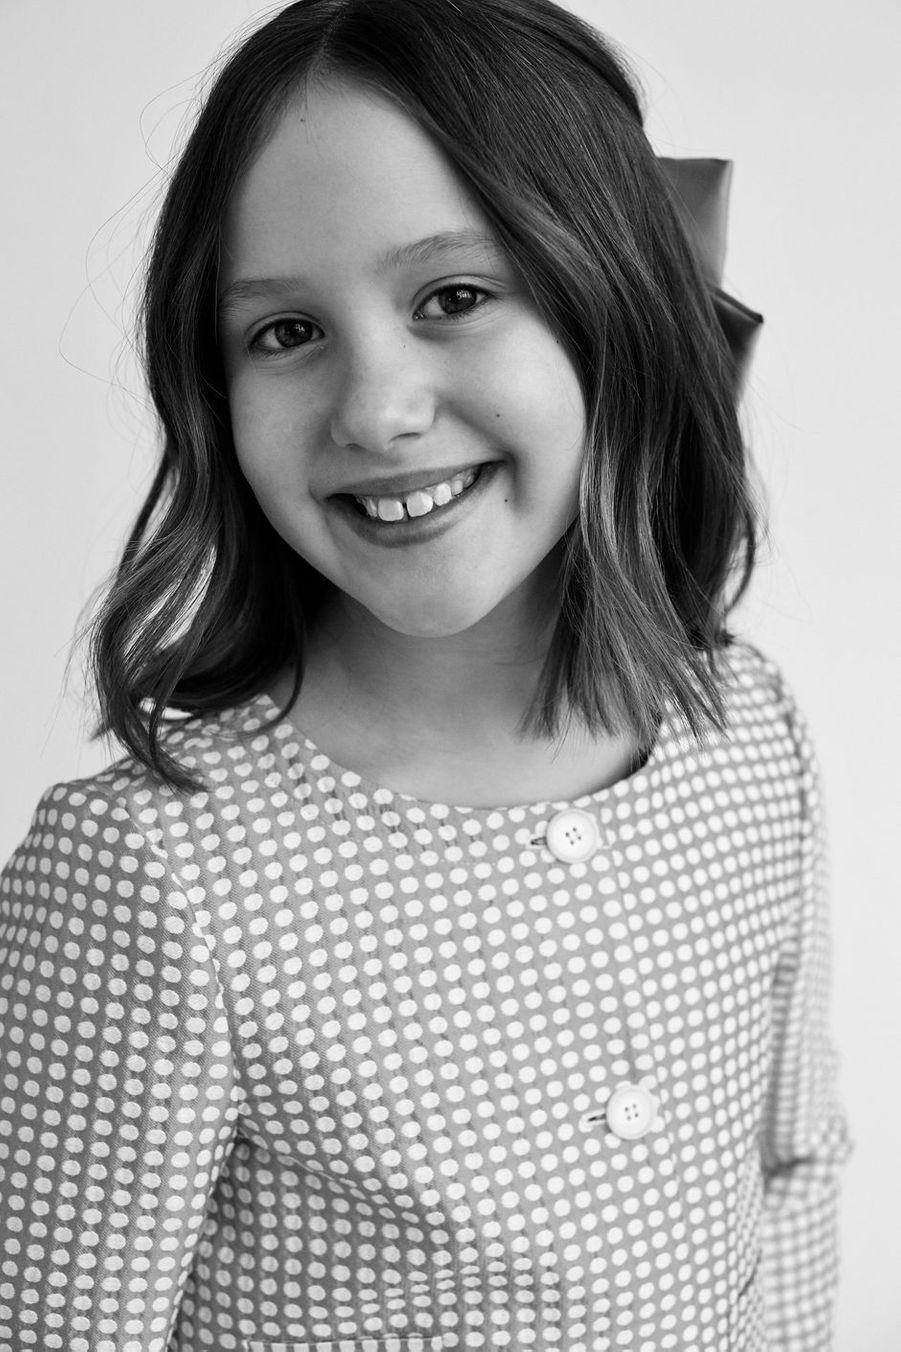 La princesse Josephine de Danemark. Portrait en noir et blanc diffusé le 8 janvier 2021 pour ses 10 ans